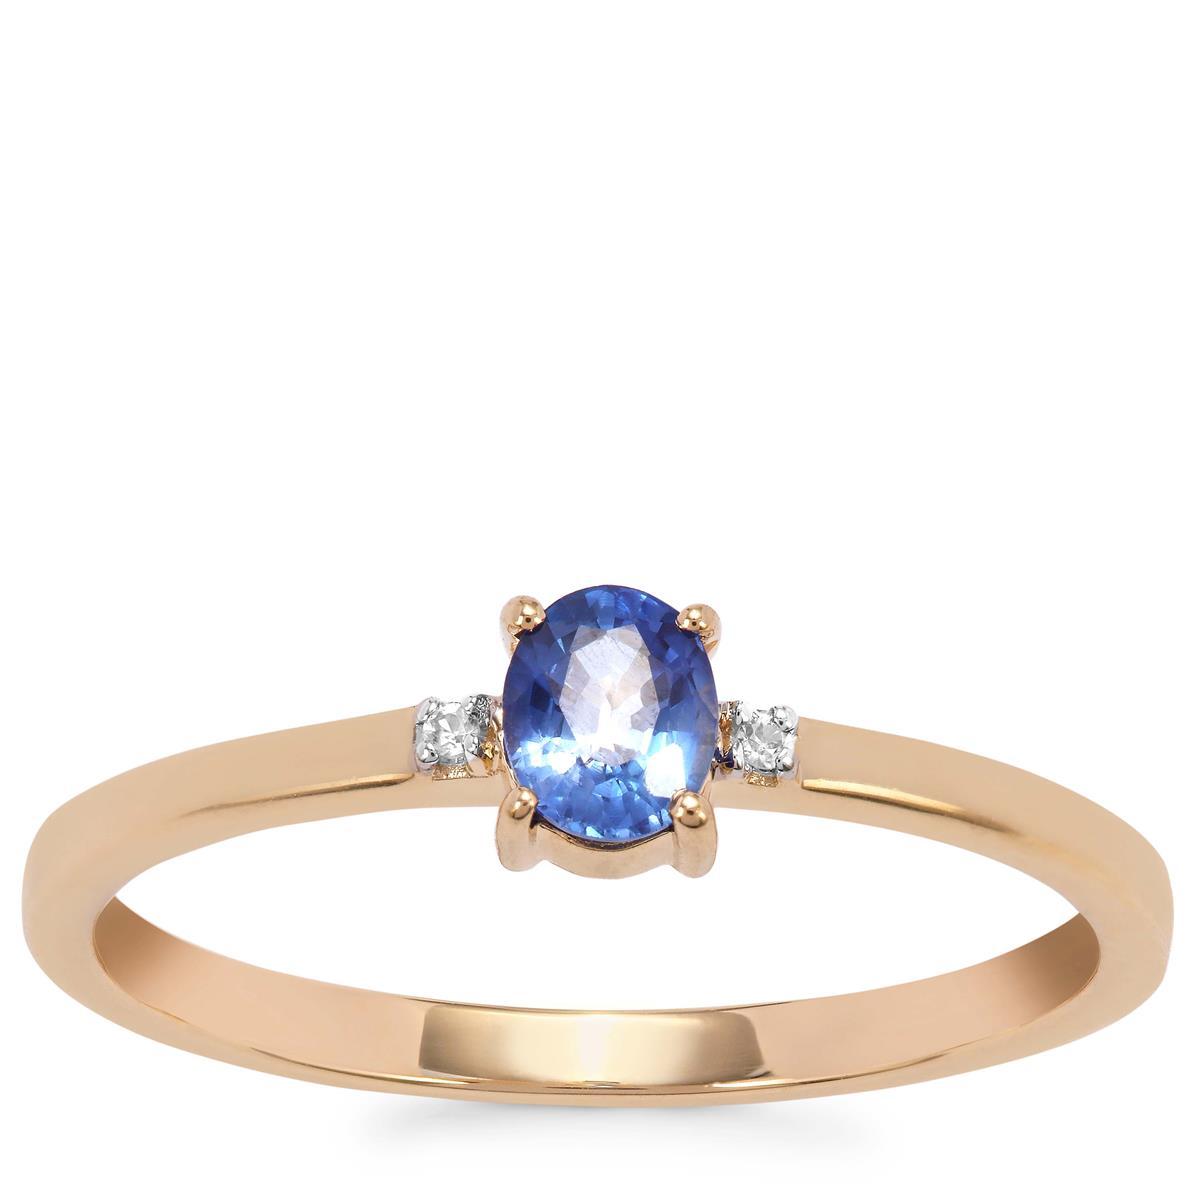 Ceylon Sapphire Ring with White Zircon in 9K Gold 0.35ct